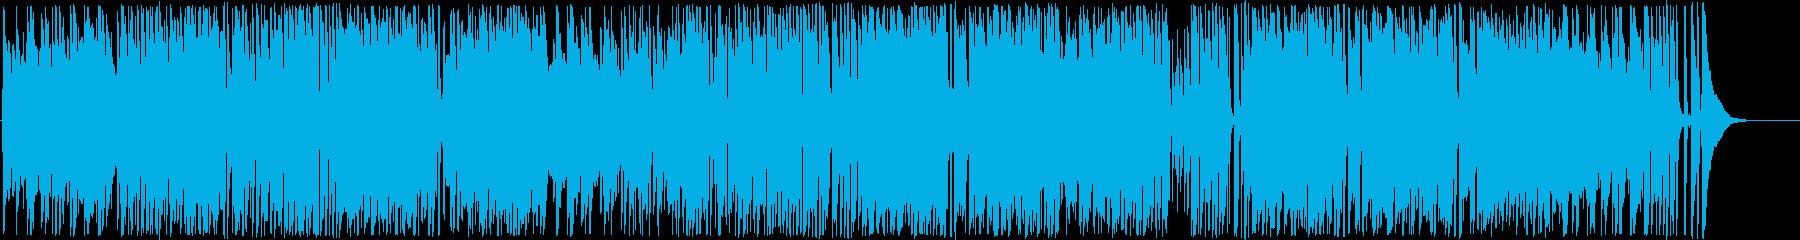 ほのぼのした曲の再生済みの波形